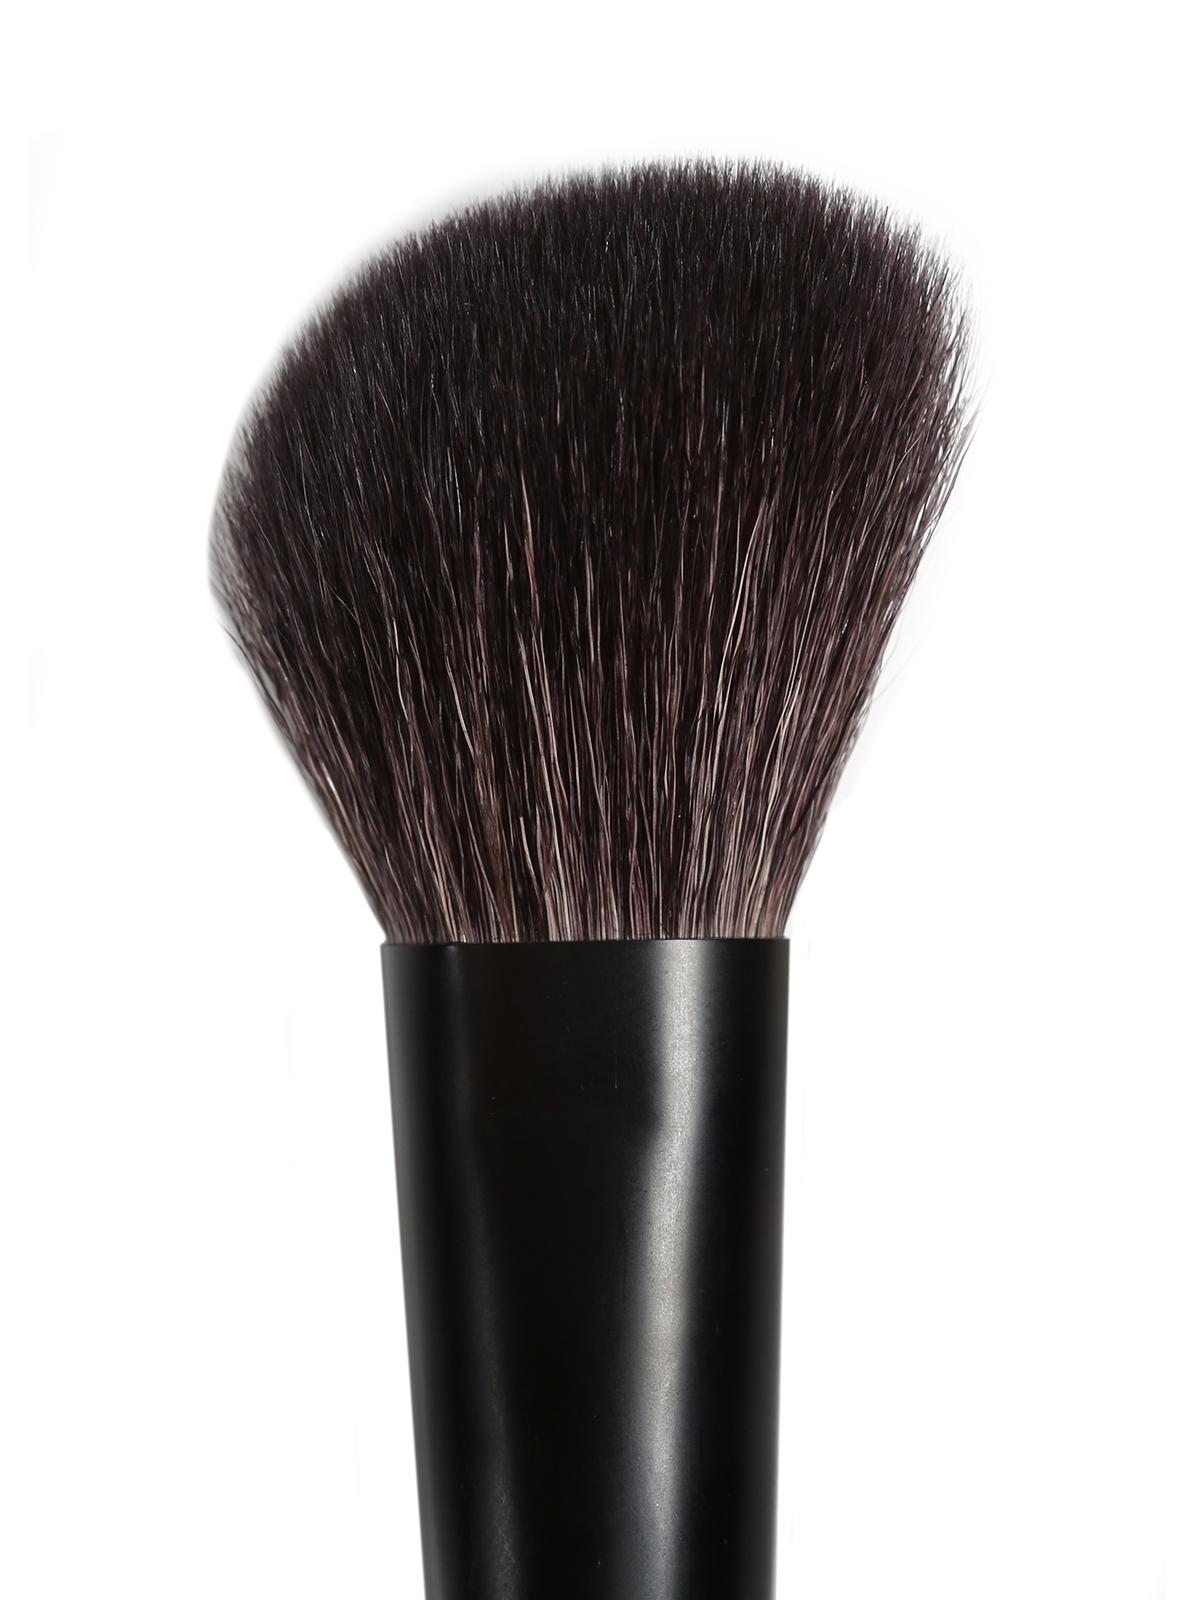 Contour Brush #220